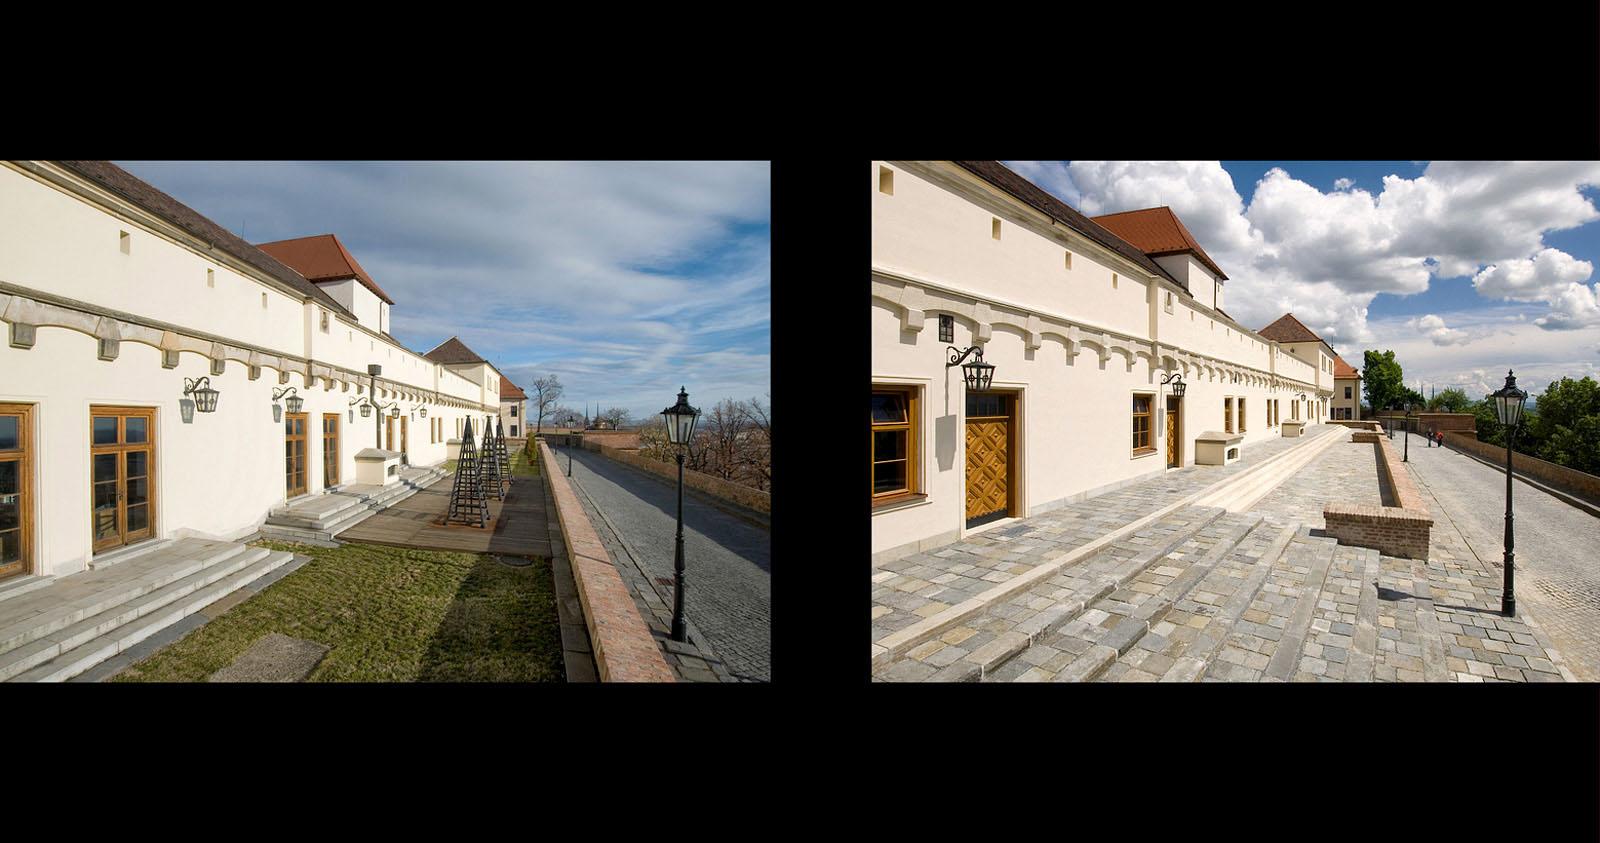 rekonstrukce hradu Špilberk | Brno | 12 | před realizací - po realizaci